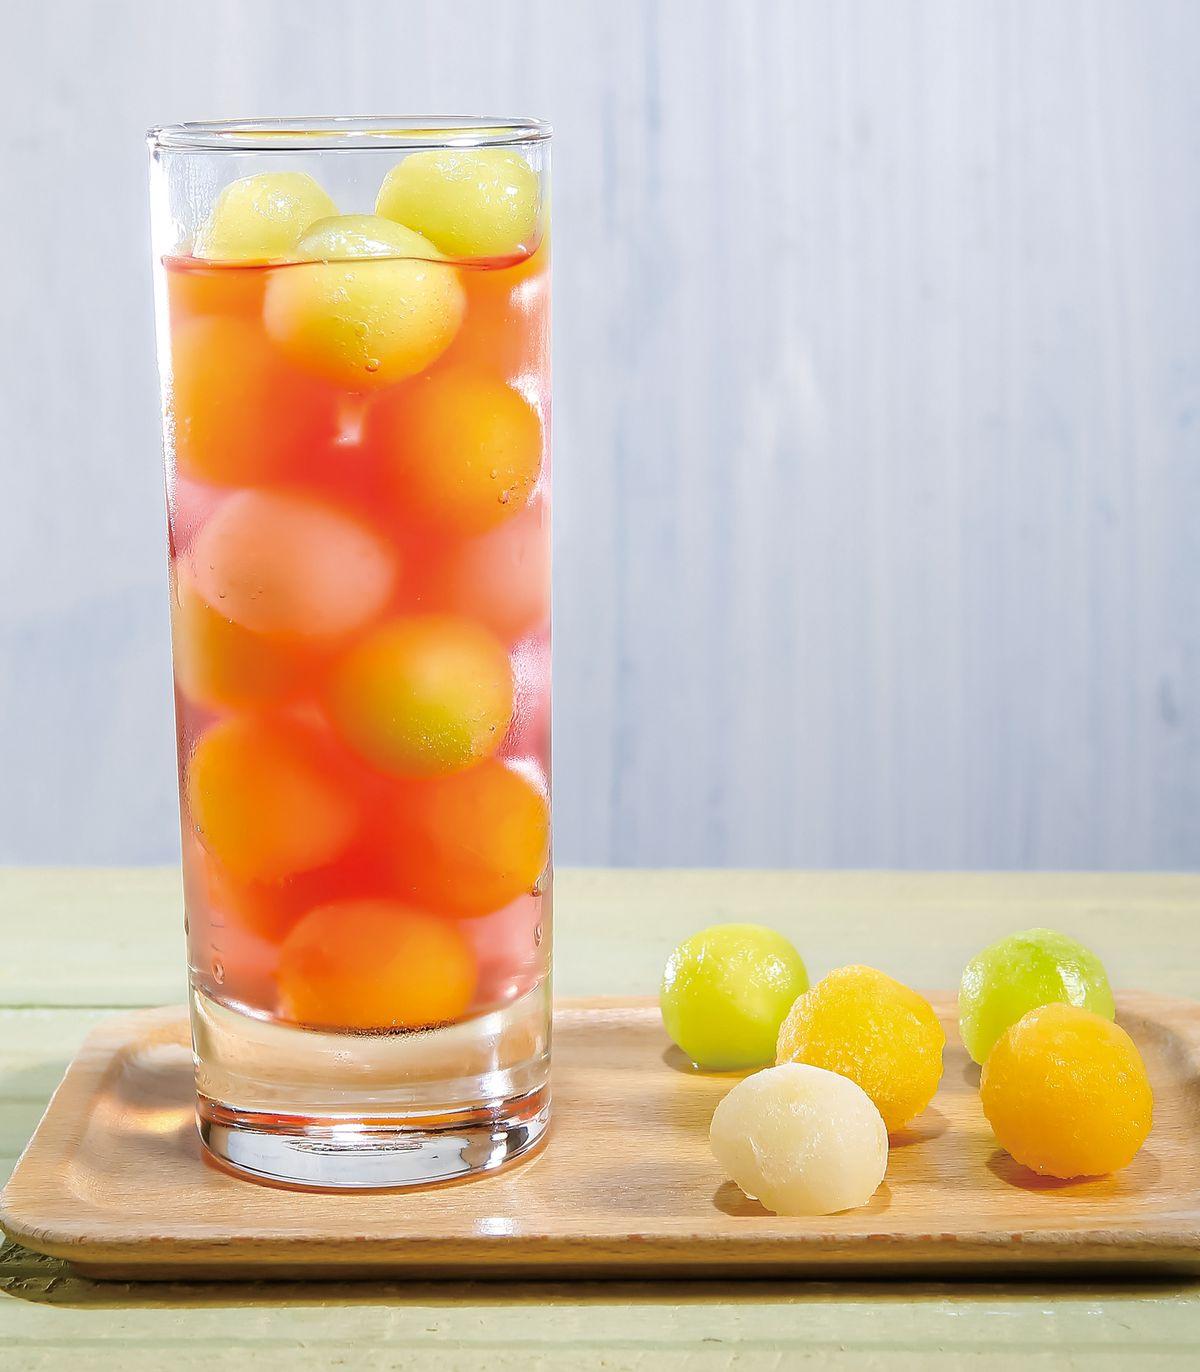 食譜:鮮果粒茶